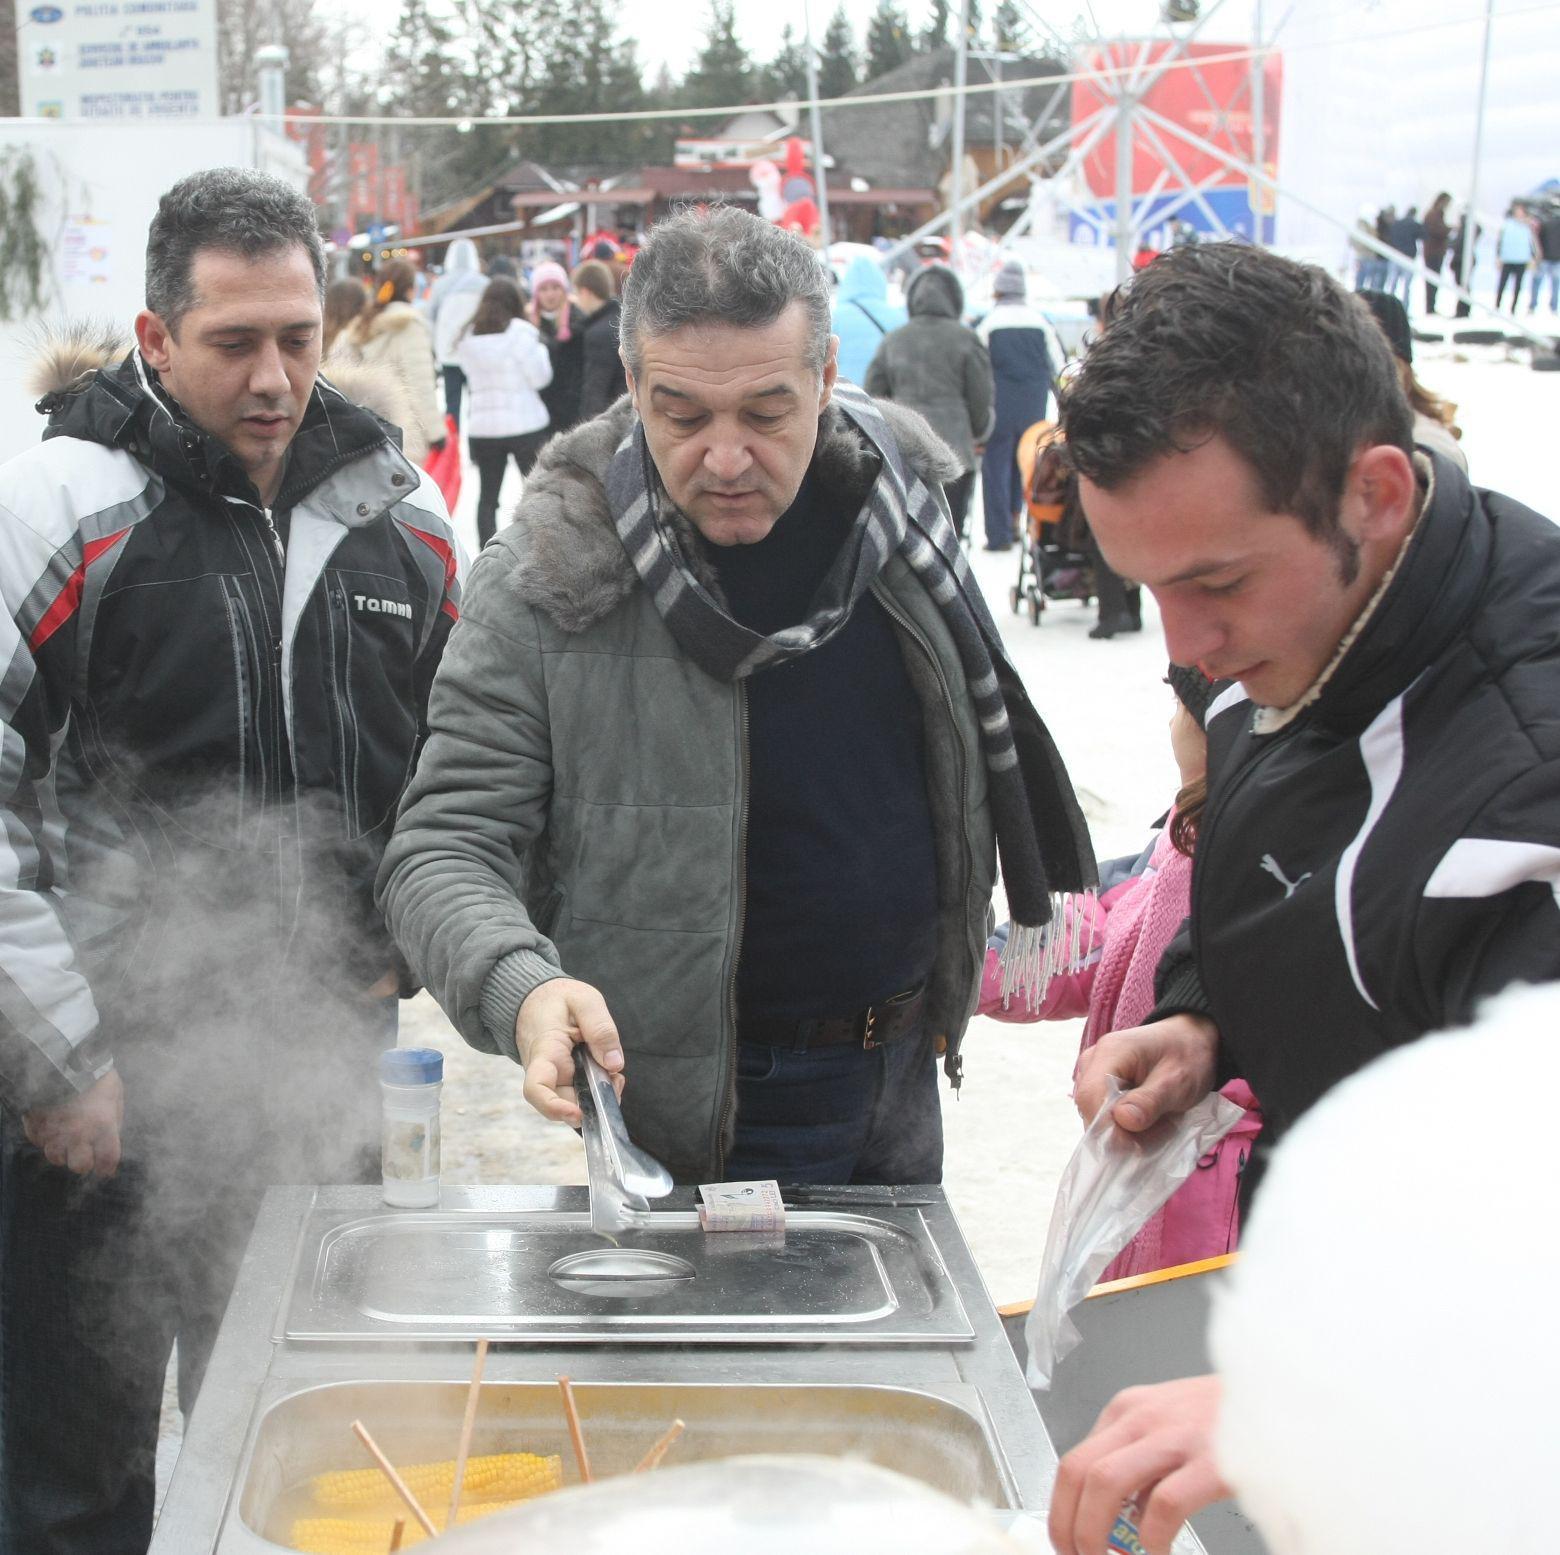 Steaua duce dorul unor fotbaliști adevărați, dar Gigi Becali dă banii pe petreceri private! Revelion de 10.000 de euro la munte! GALERIE FOTO